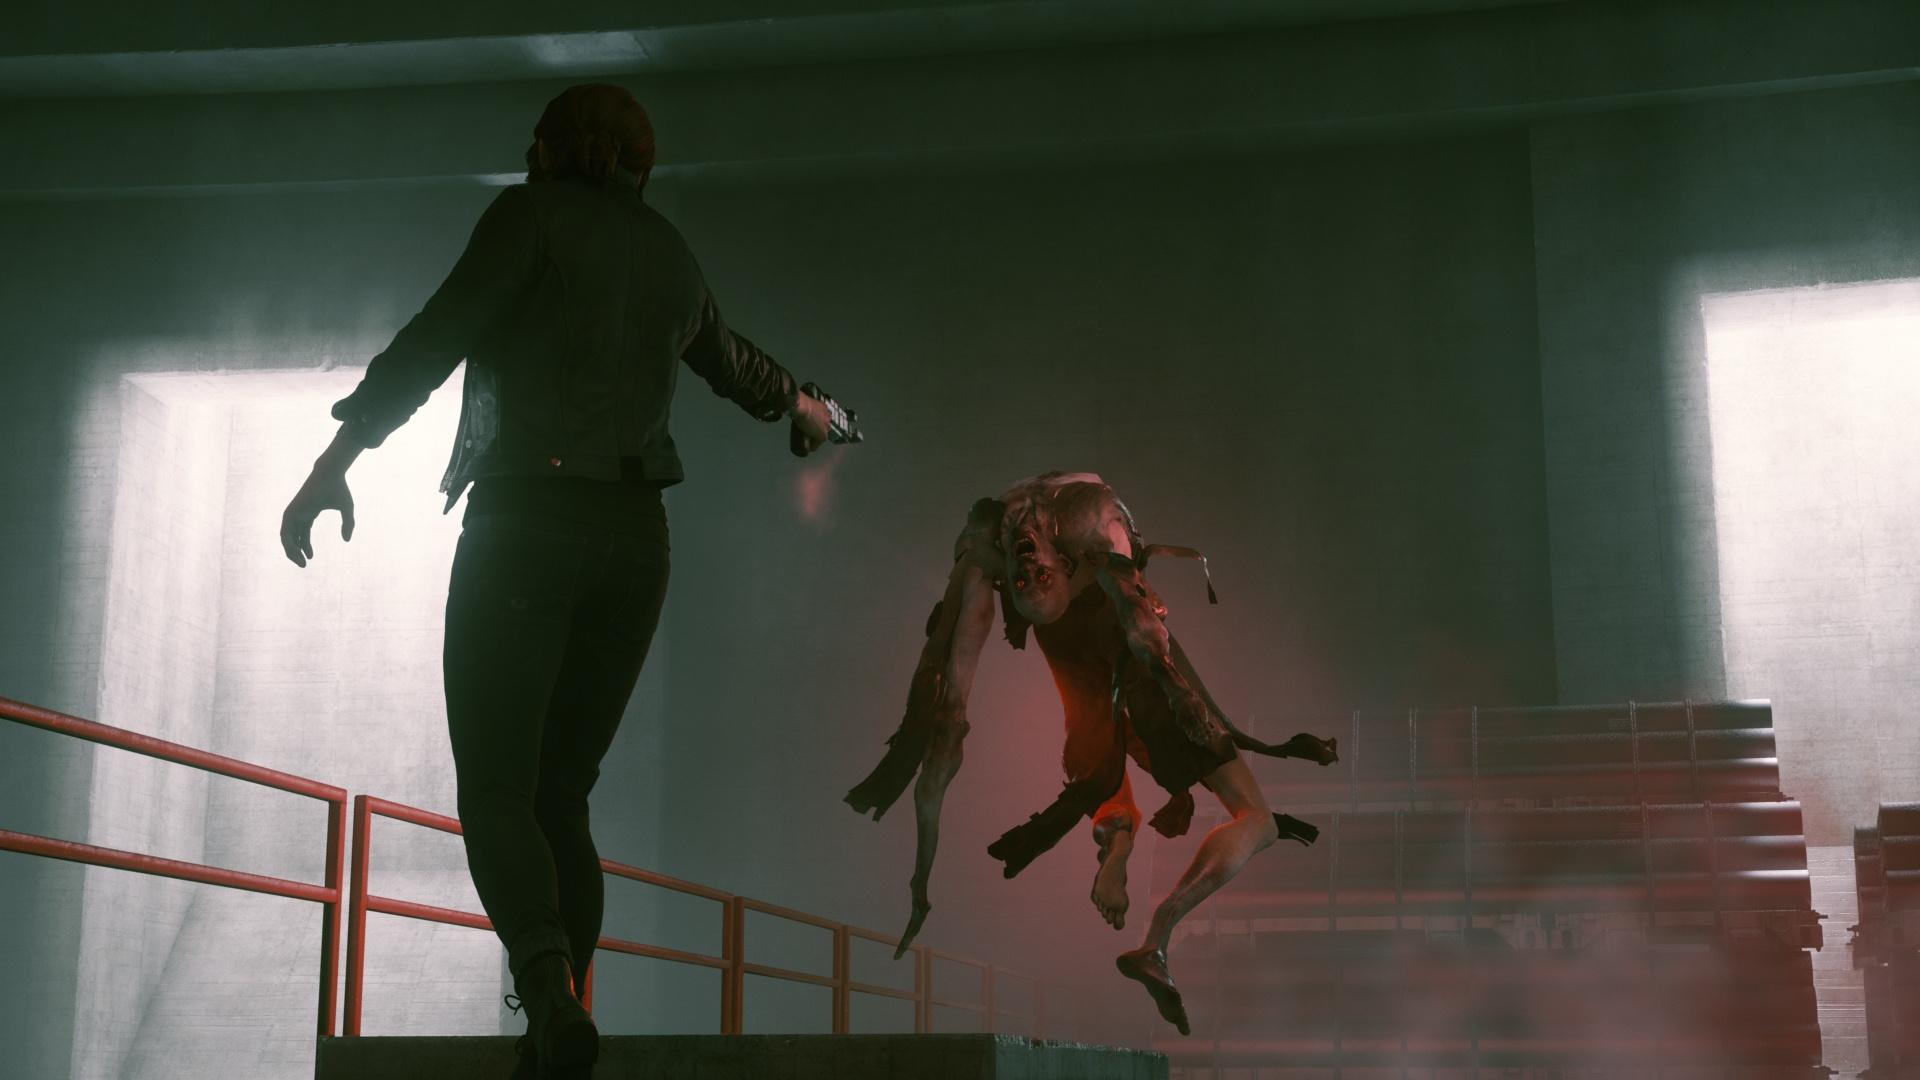 Симбиоз Max Payne и Alan Wake, только ещё более чудной — скриншоты и ролики Control